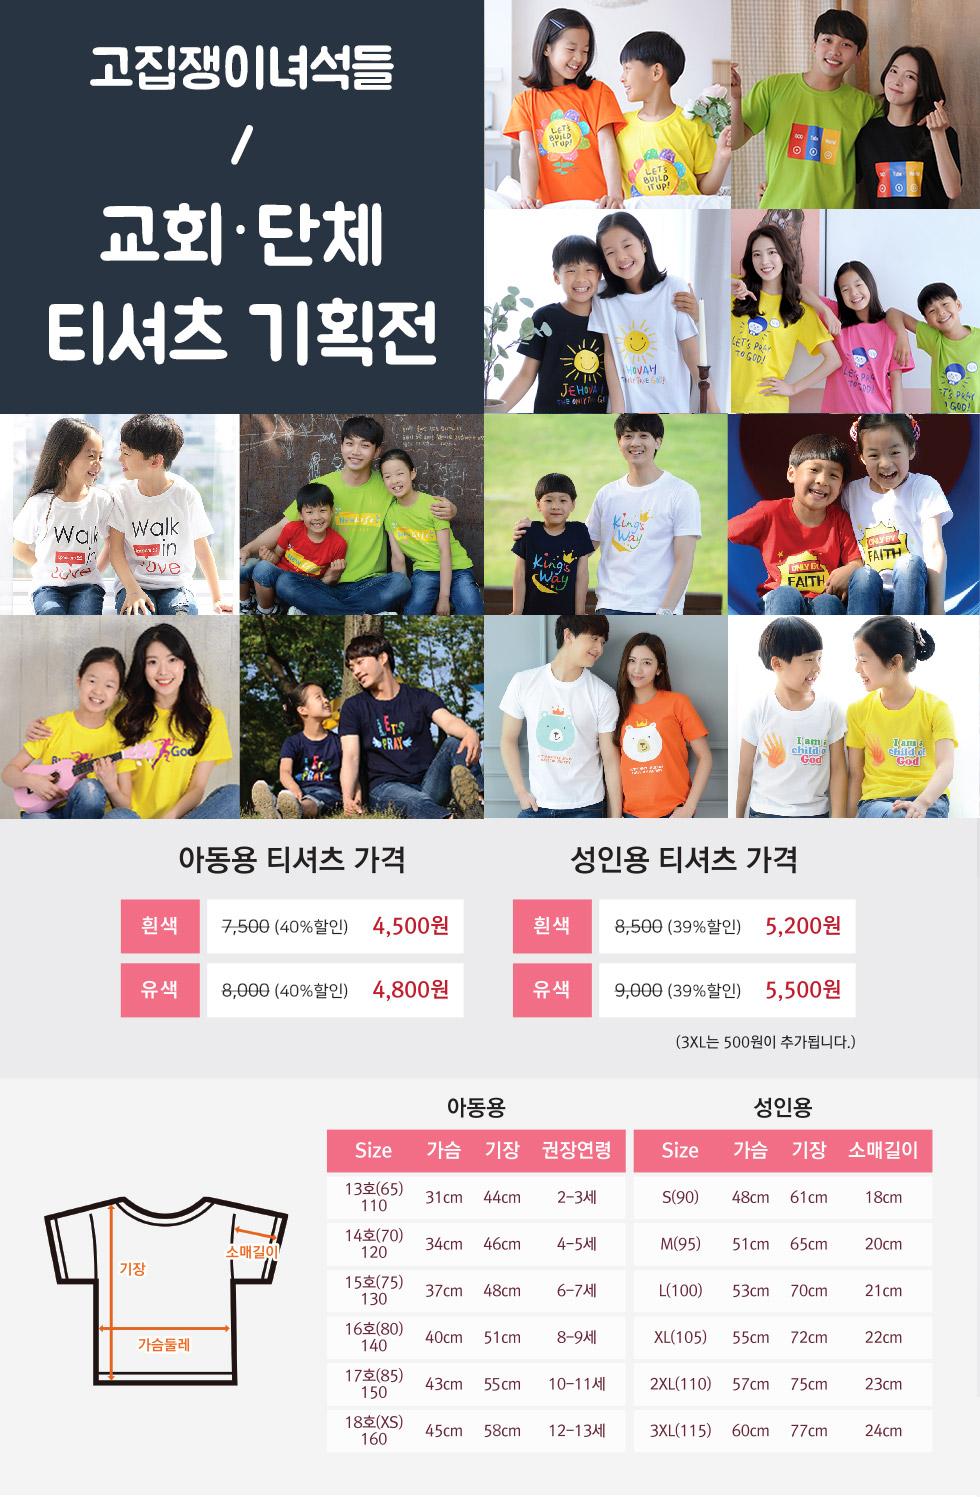 2019 교회단체티 고집쟁이녀석들 교회티셔츠 기획전 메인